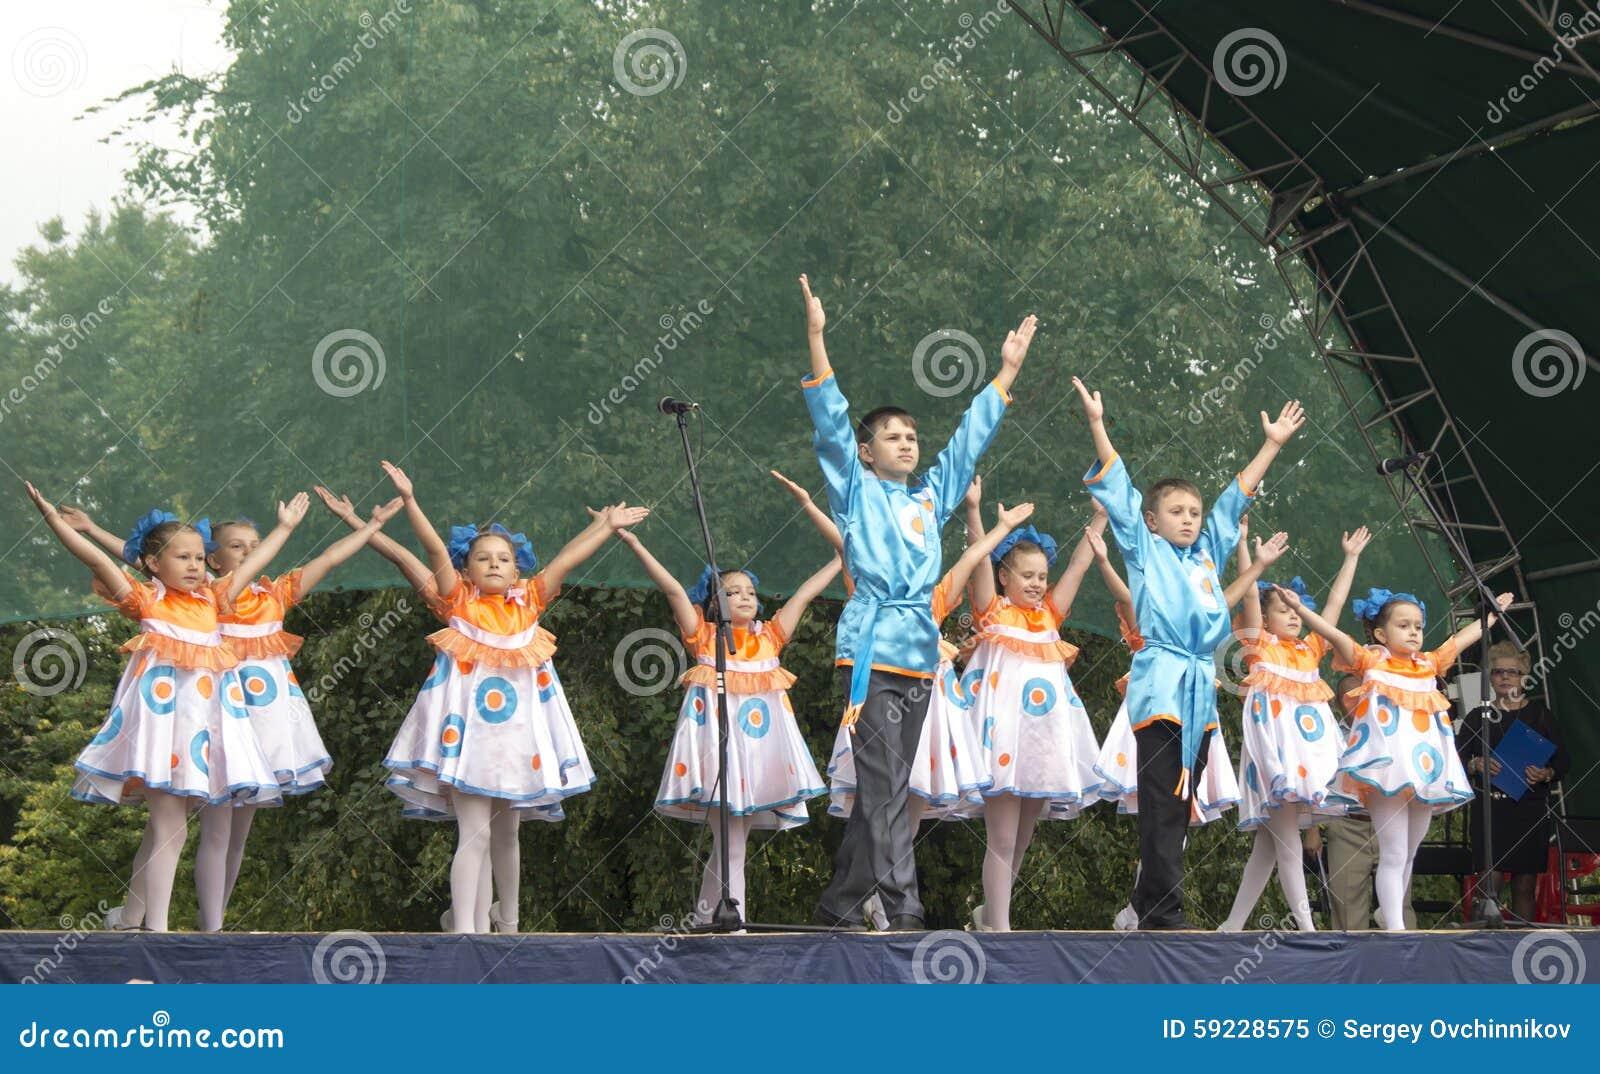 Download Mstera, Rusia-agosto 8,2015: Los Niños Bailan En Escena En El Día De La Ciudad Mstera, Rusia Imagen editorial - Imagen de grupo, outdoors: 59228575